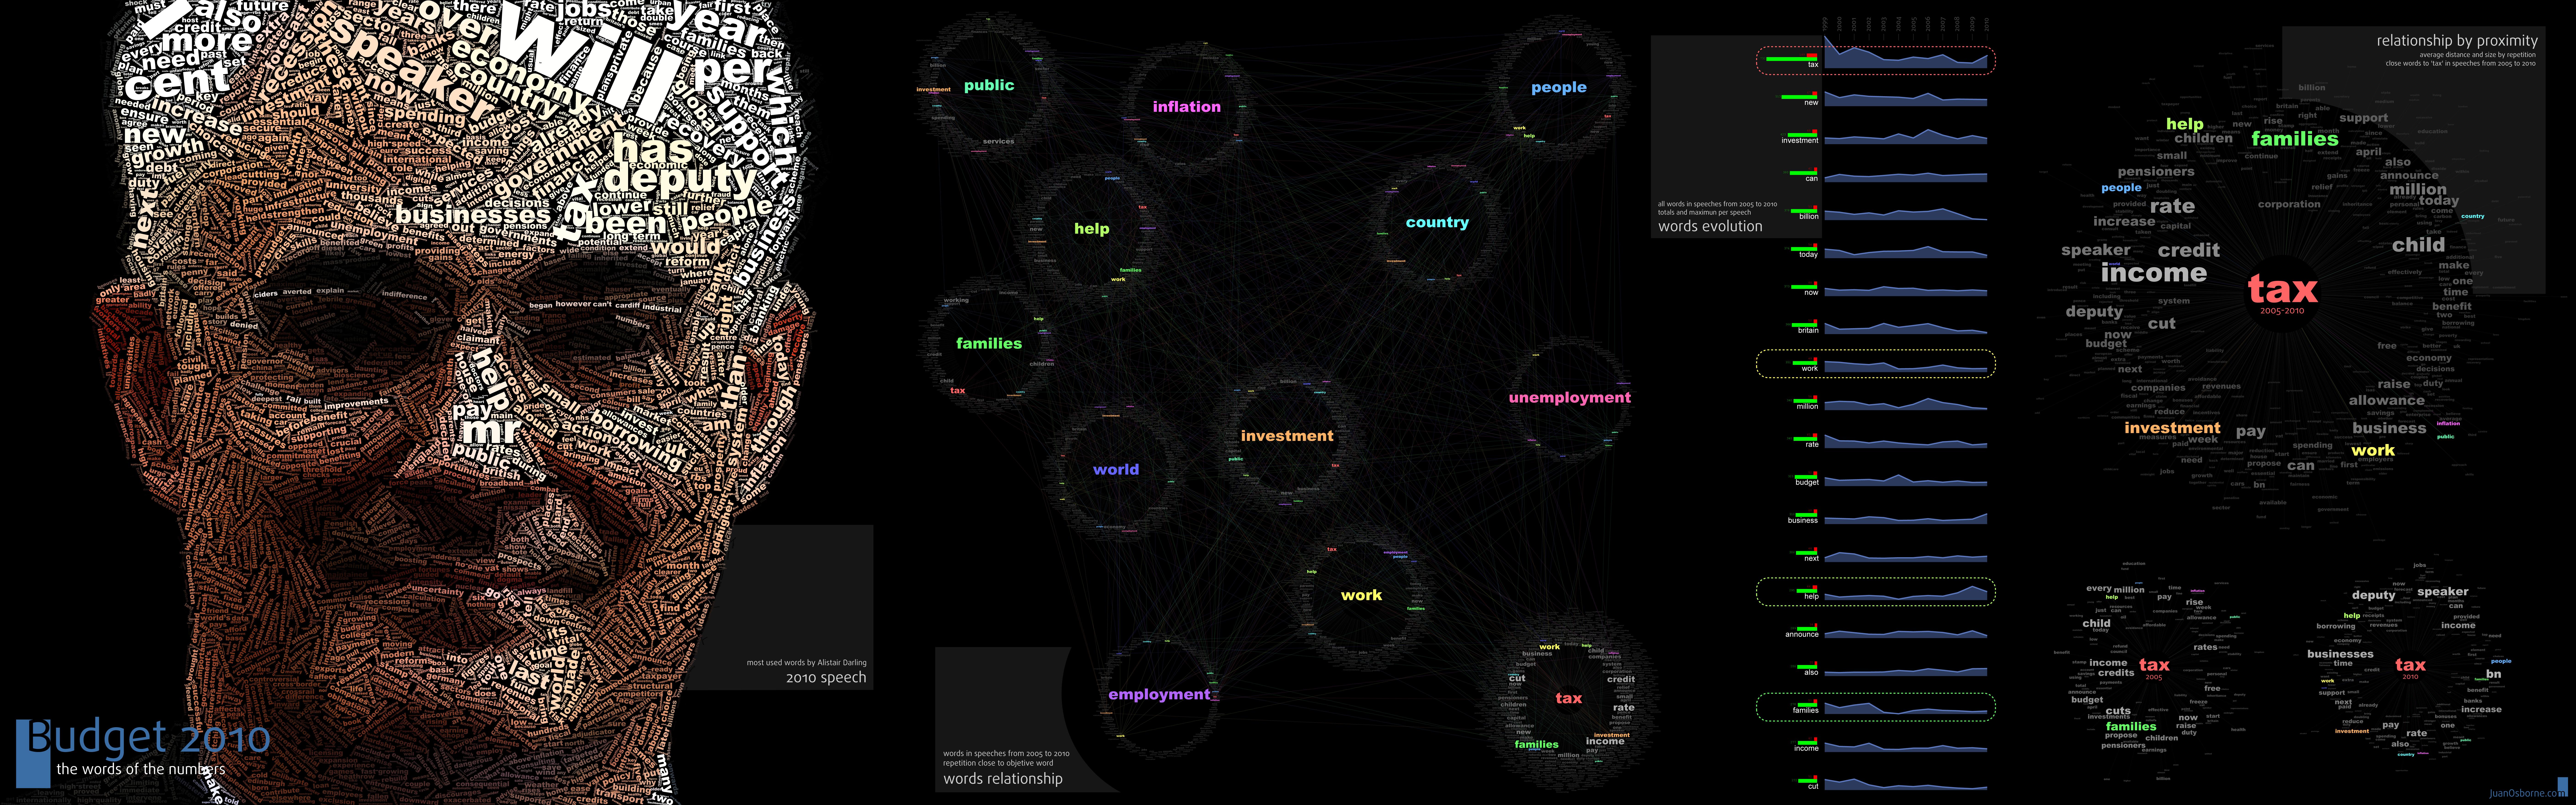 Juan Osborne | words images design | Page 6